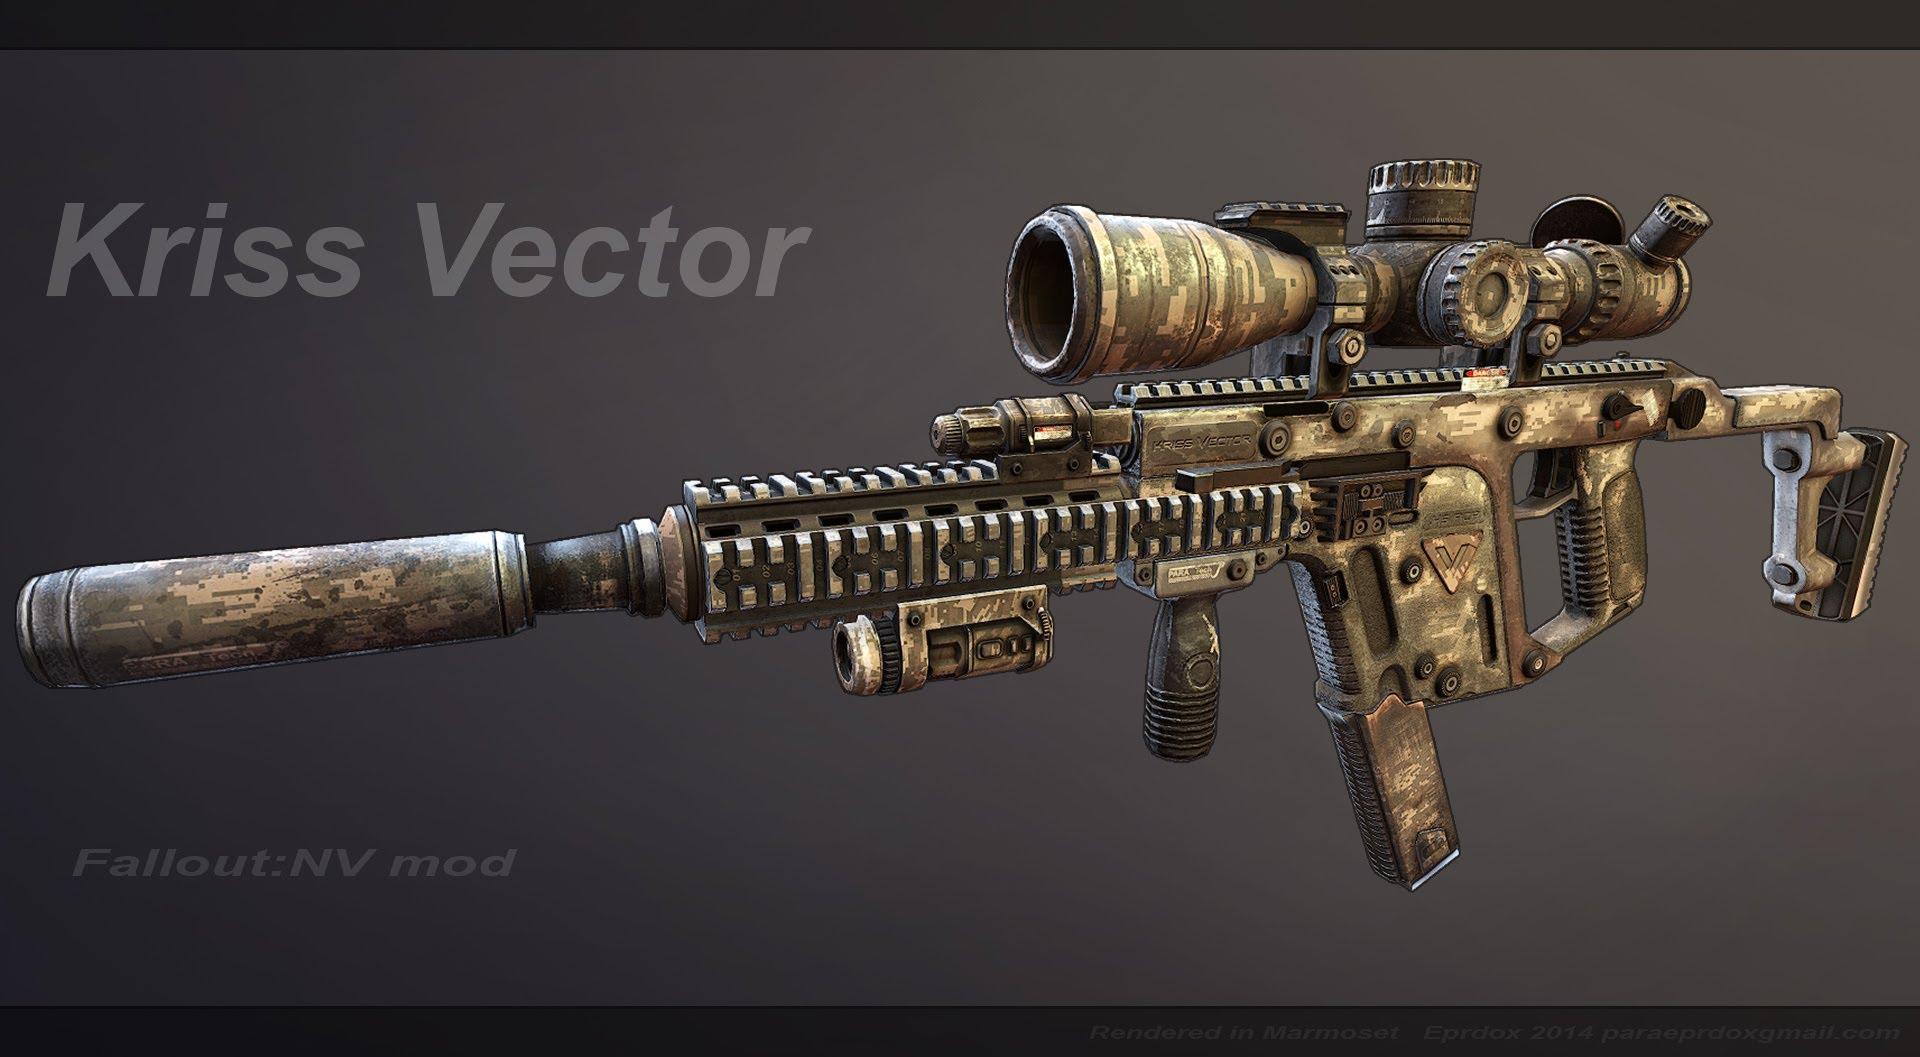 1920x1057 Fallout New Vegas Mod Kriss Vector